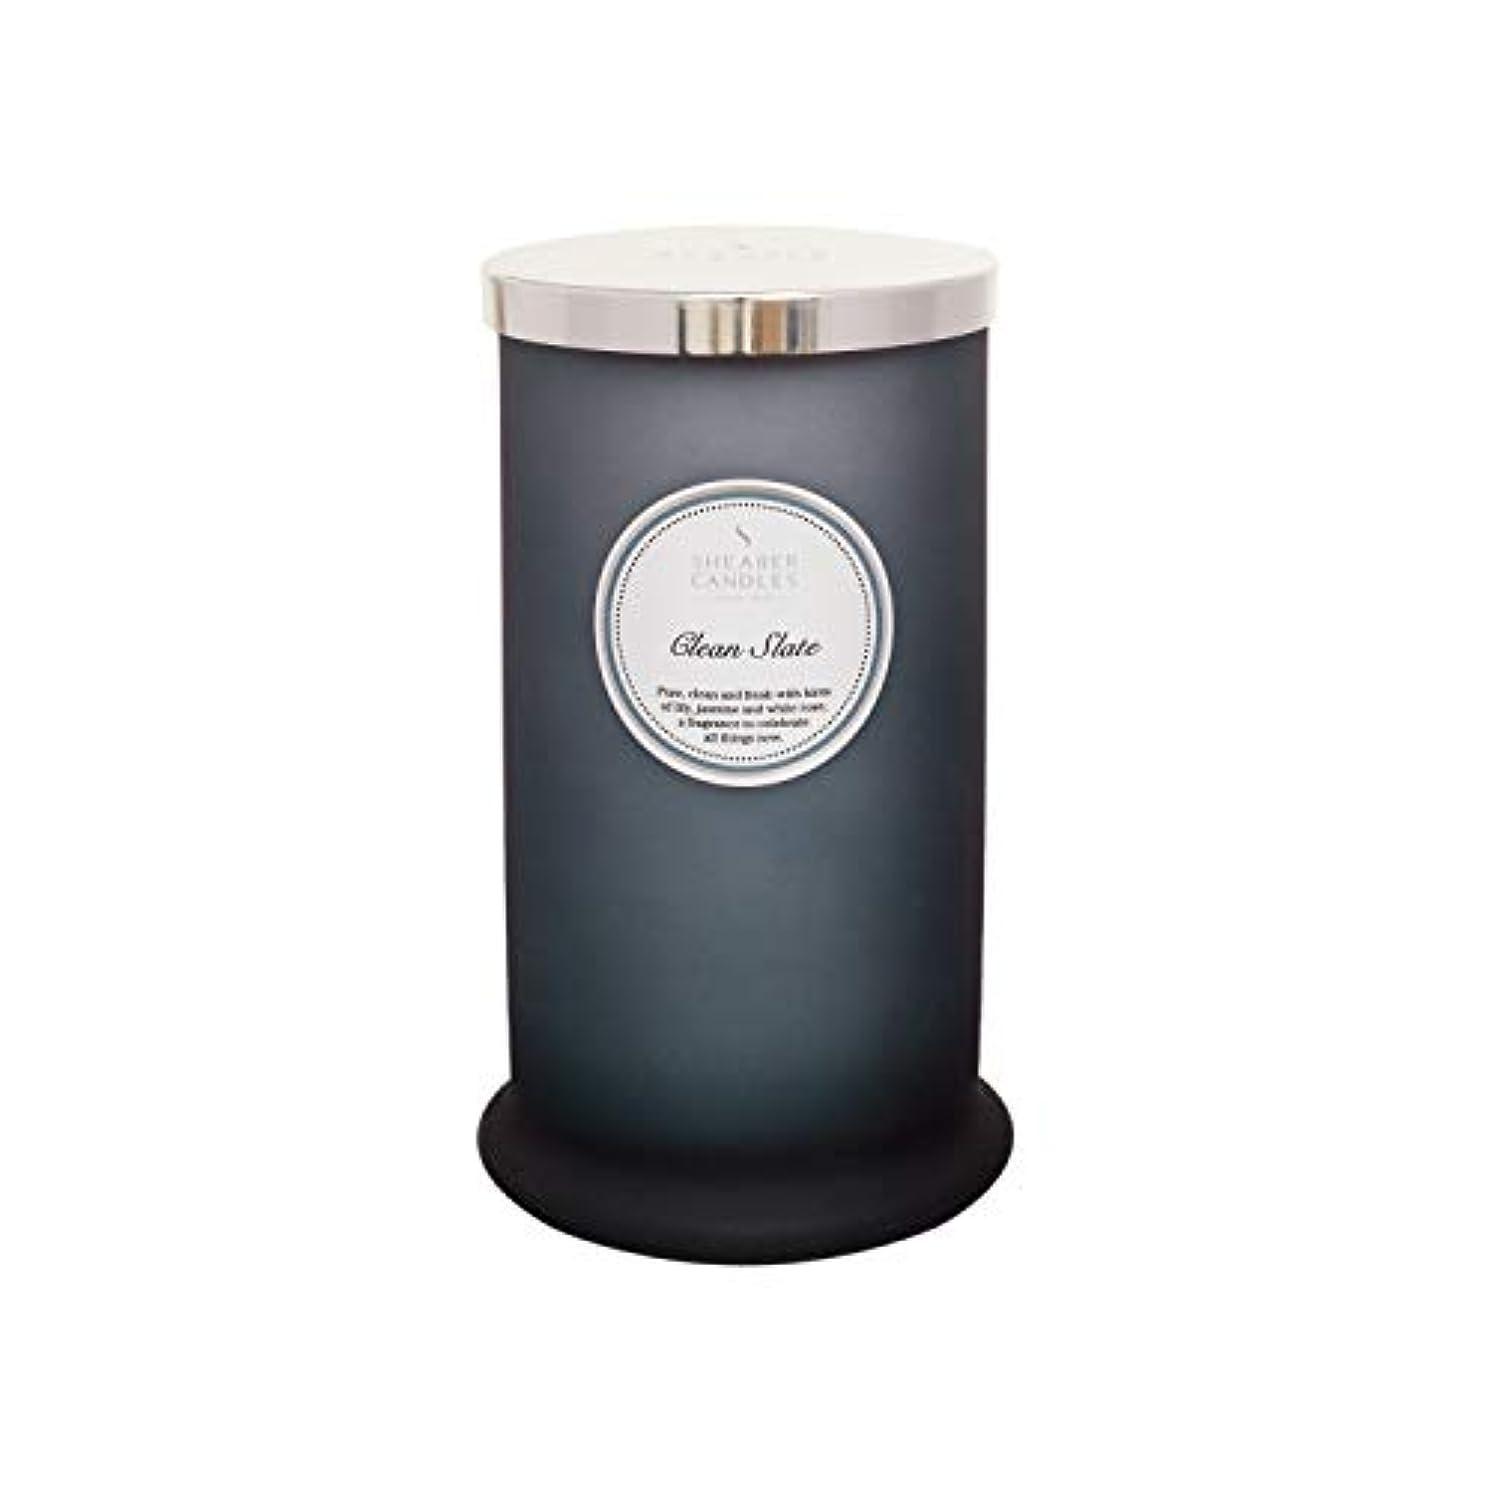 味ドループ傾いたShearer キャンドル クリーンスレート 香り付き トールピラージャーキャンドル コットン芯 フレグランス&エッセンシャルオイル グレー ホワイトシルバー ラージ